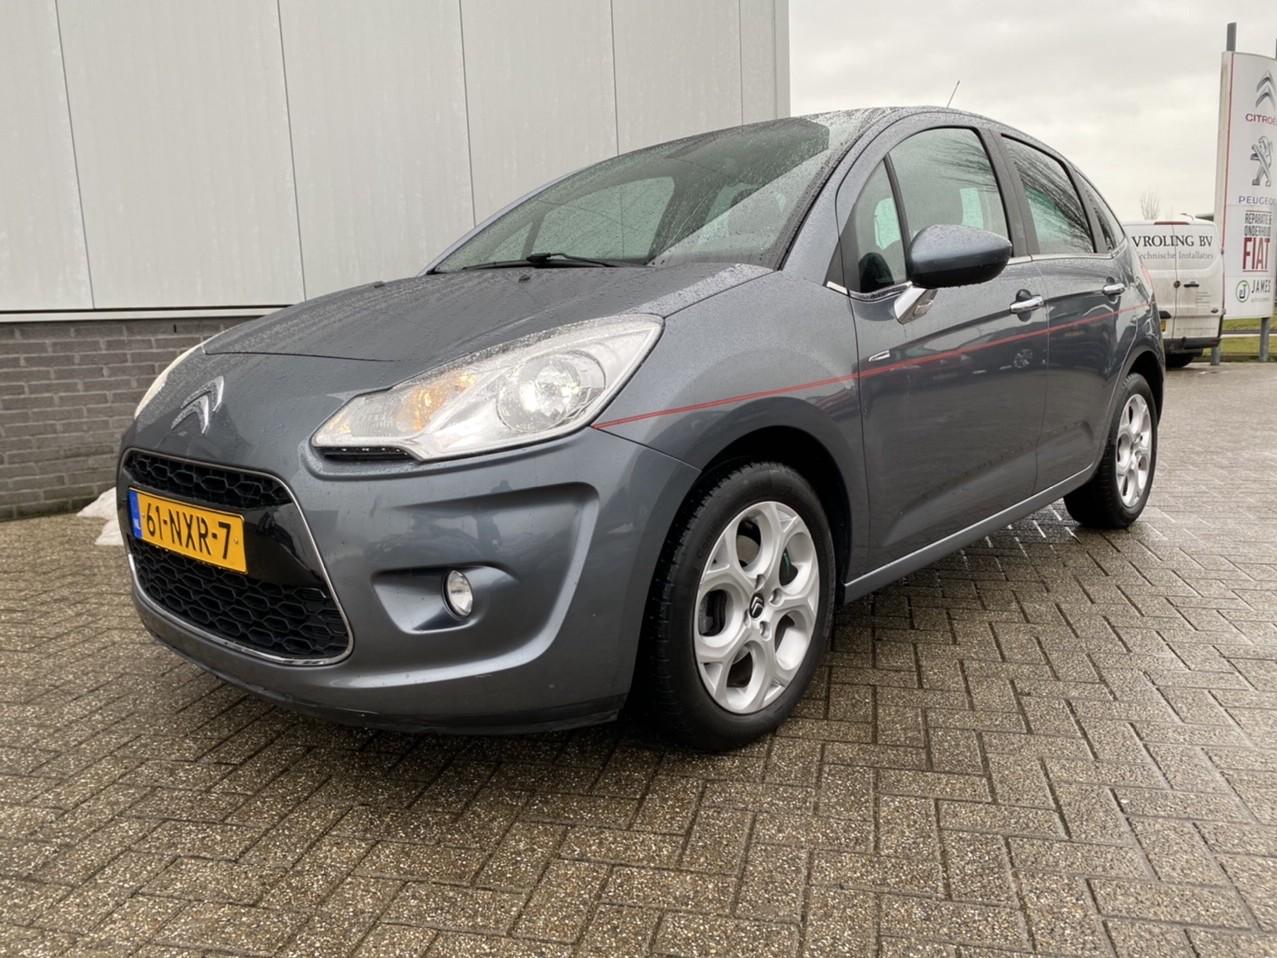 Citroën C3 120 pk automaat rijklaar prijs